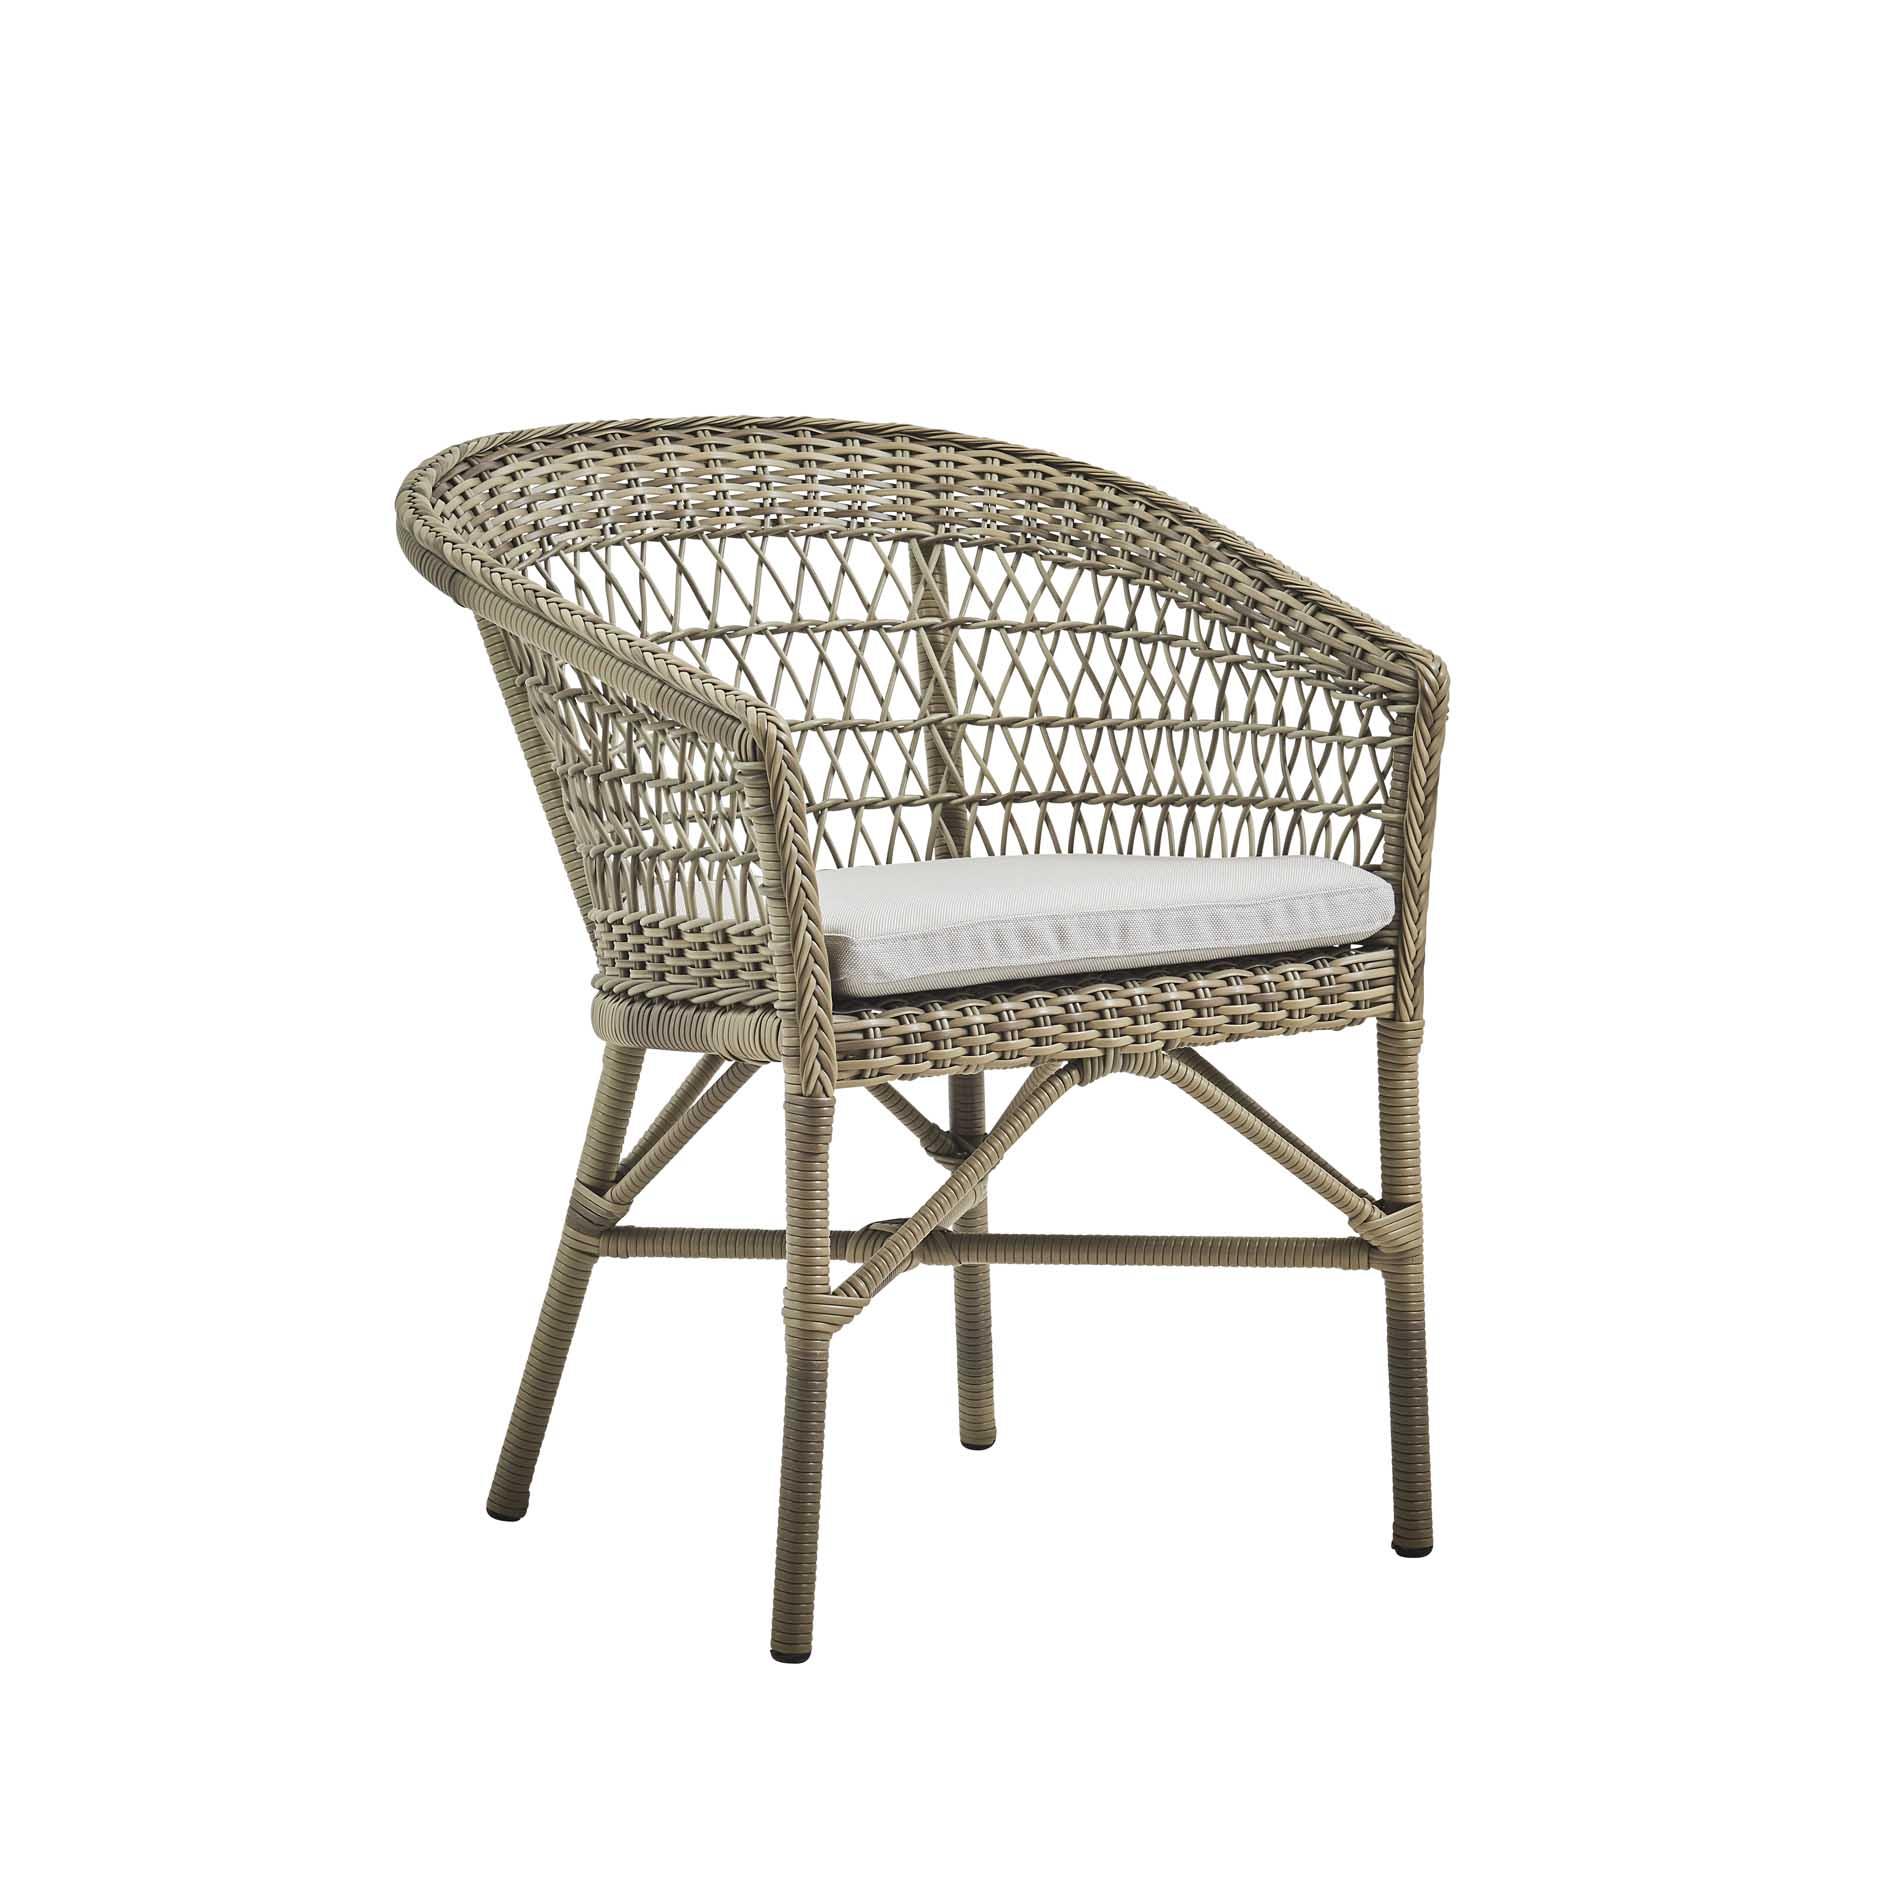 Chaise repas empilable aluminium et fibre synthétique taupe